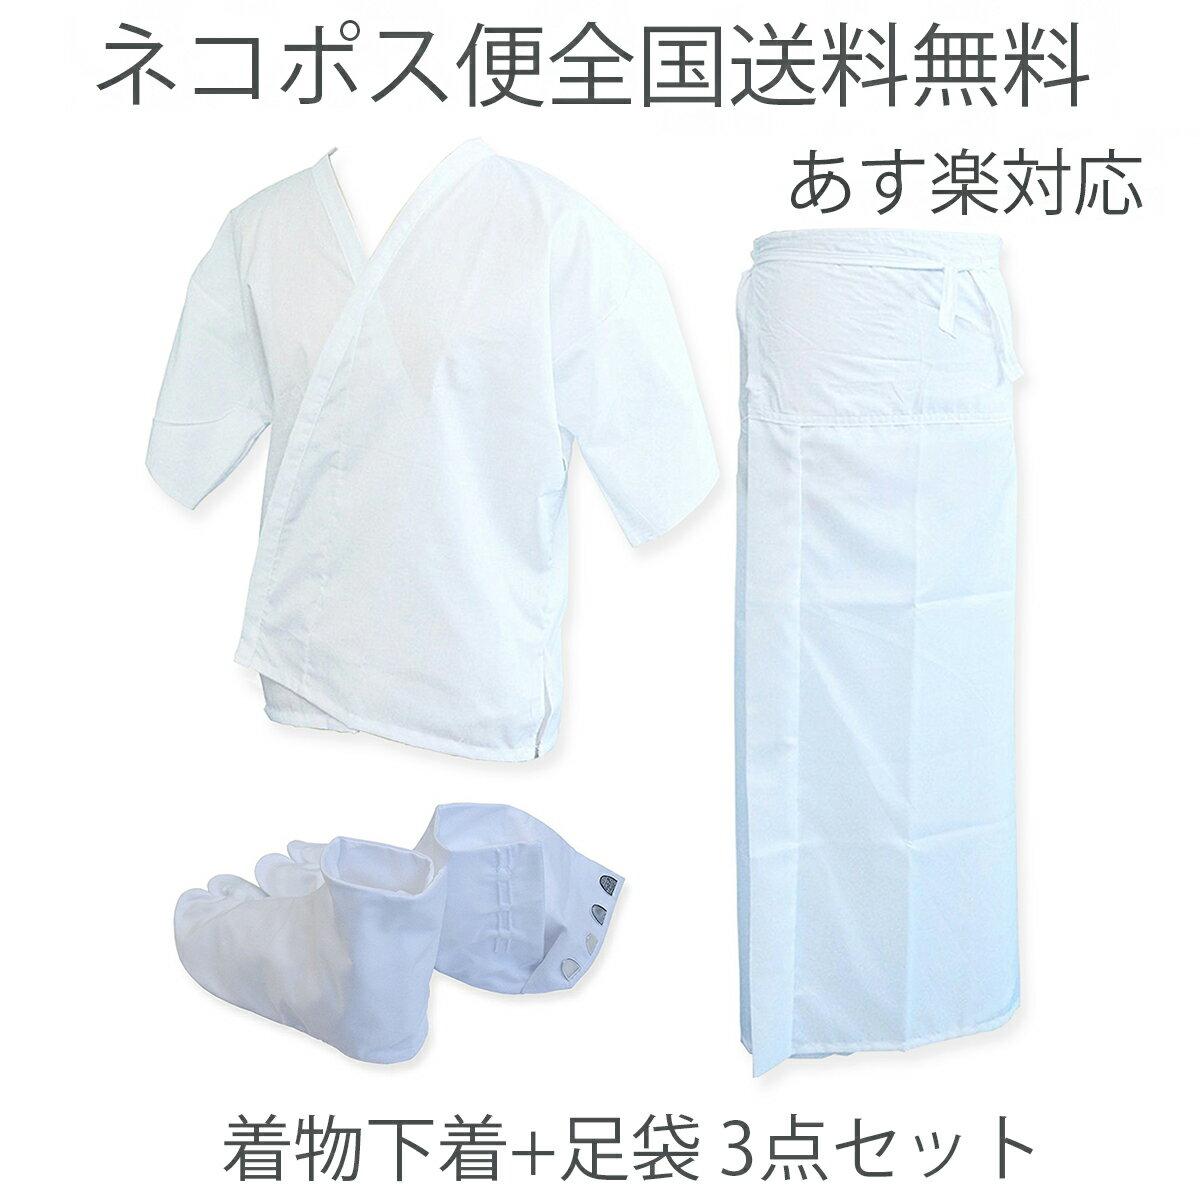 着物下着 足袋 3点セット 日本製 肌着(肌襦袢)裾除けM・L 4枚こはぜ テトロンブロードたび21cm〜24.5cm 着付けセット